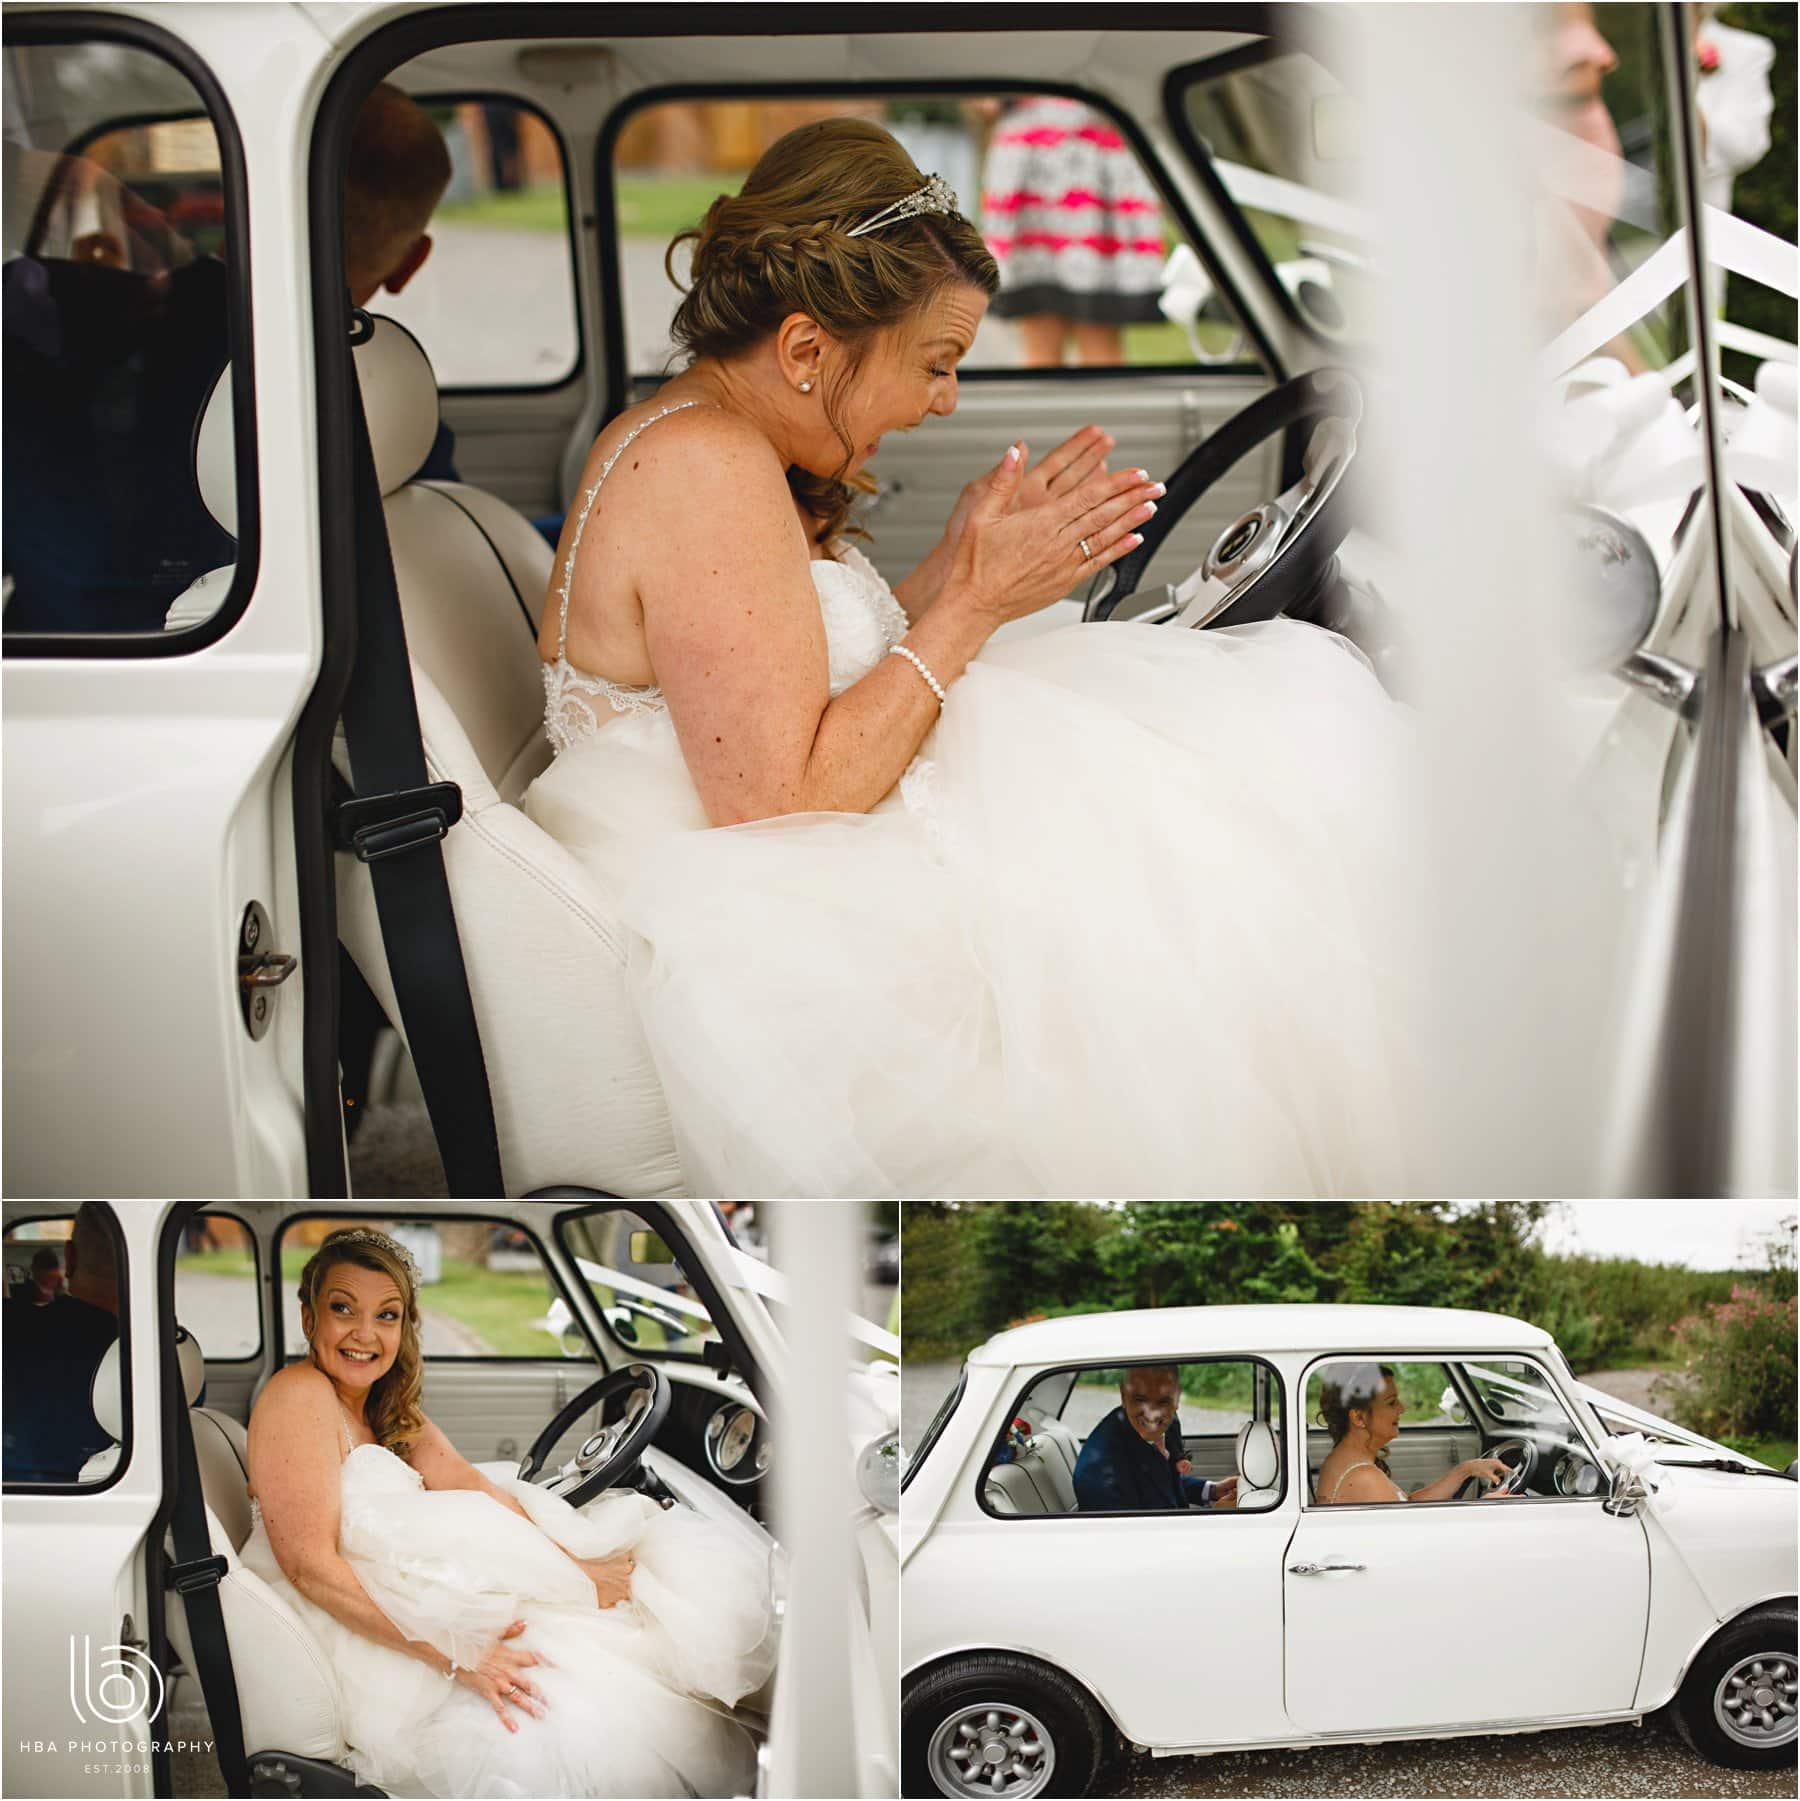 the bride in the mini